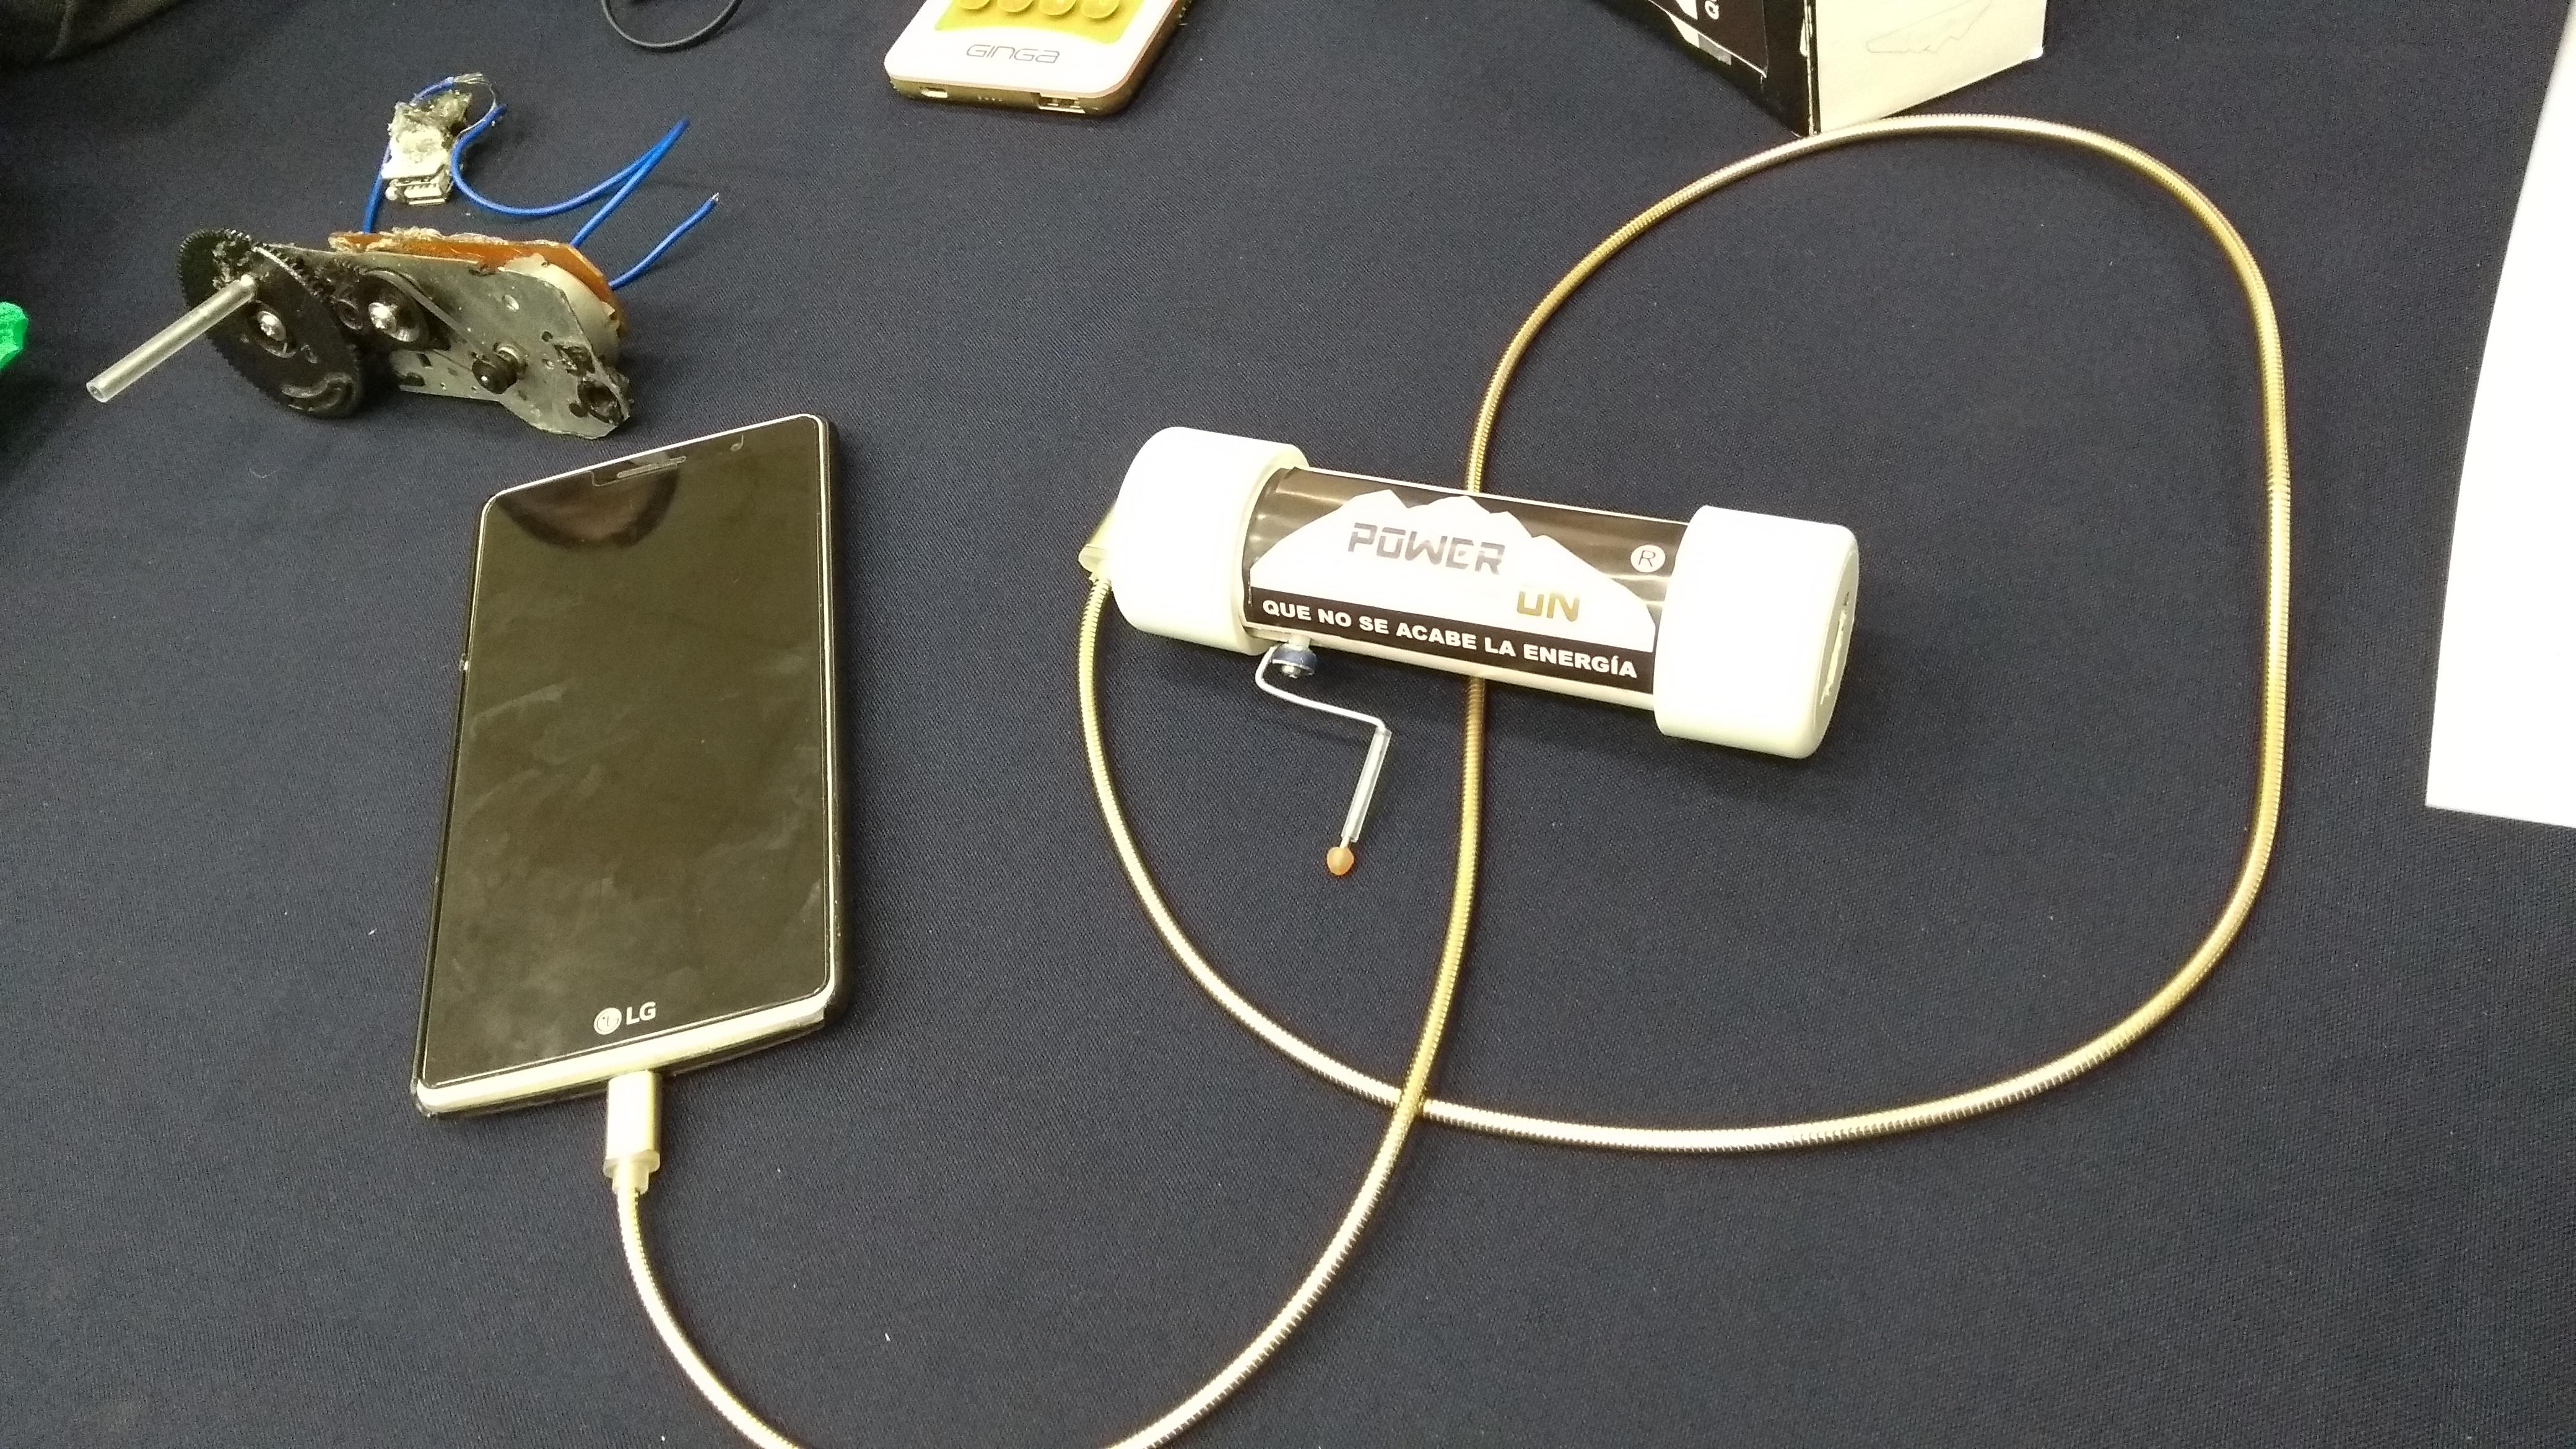 Crean y exhiben cargador de batería de manivela